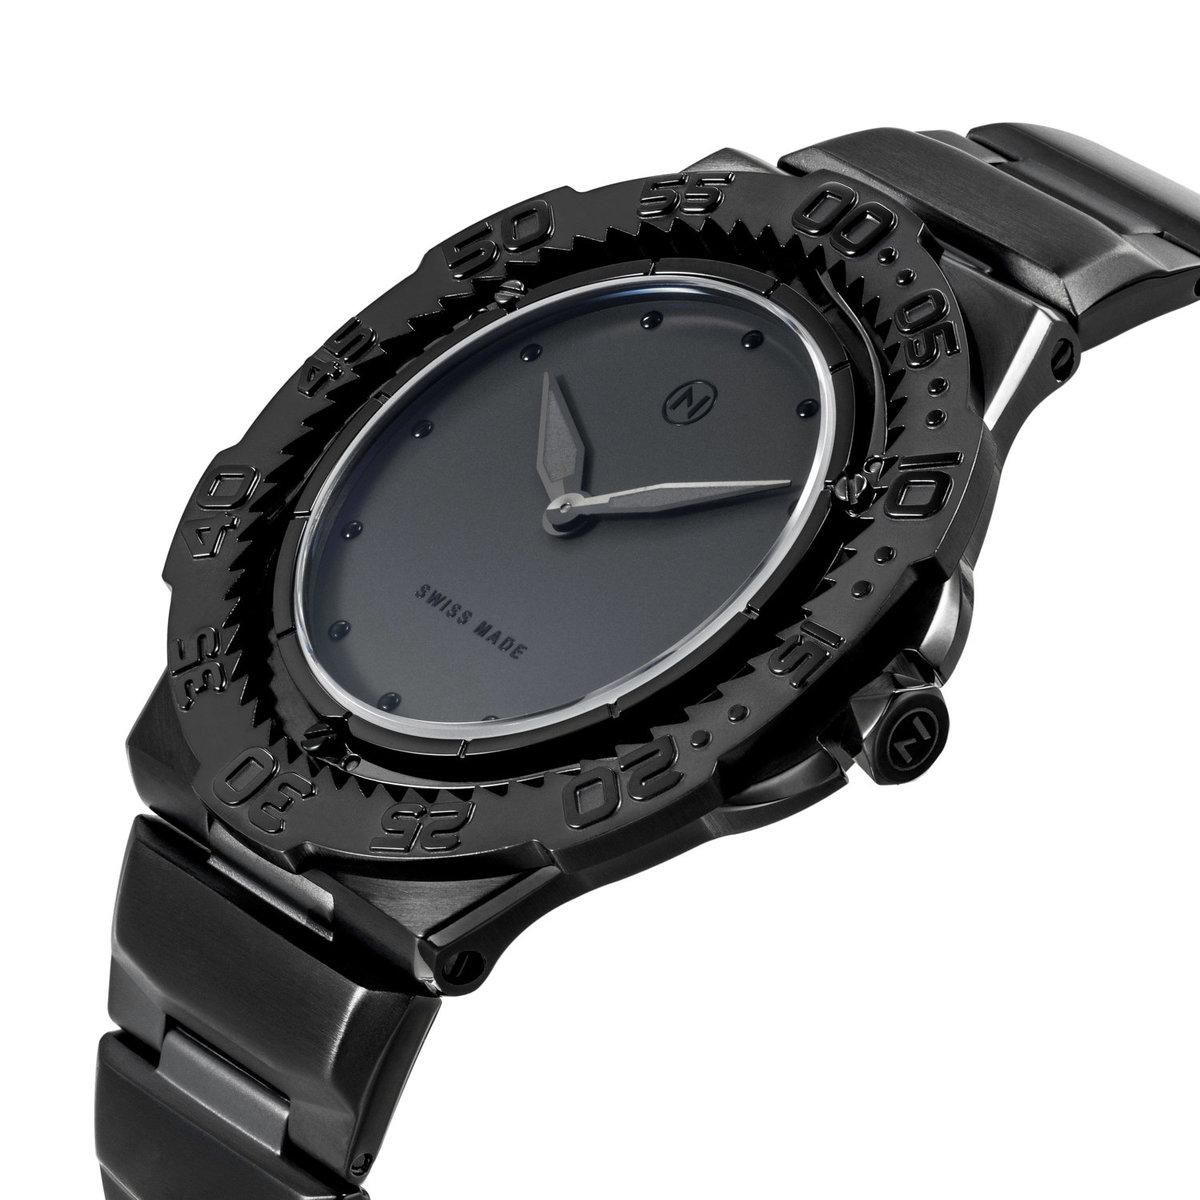 瑞士 NOVE Trident 系列 超薄男士石英潛水錶 (黑色 E002-02)